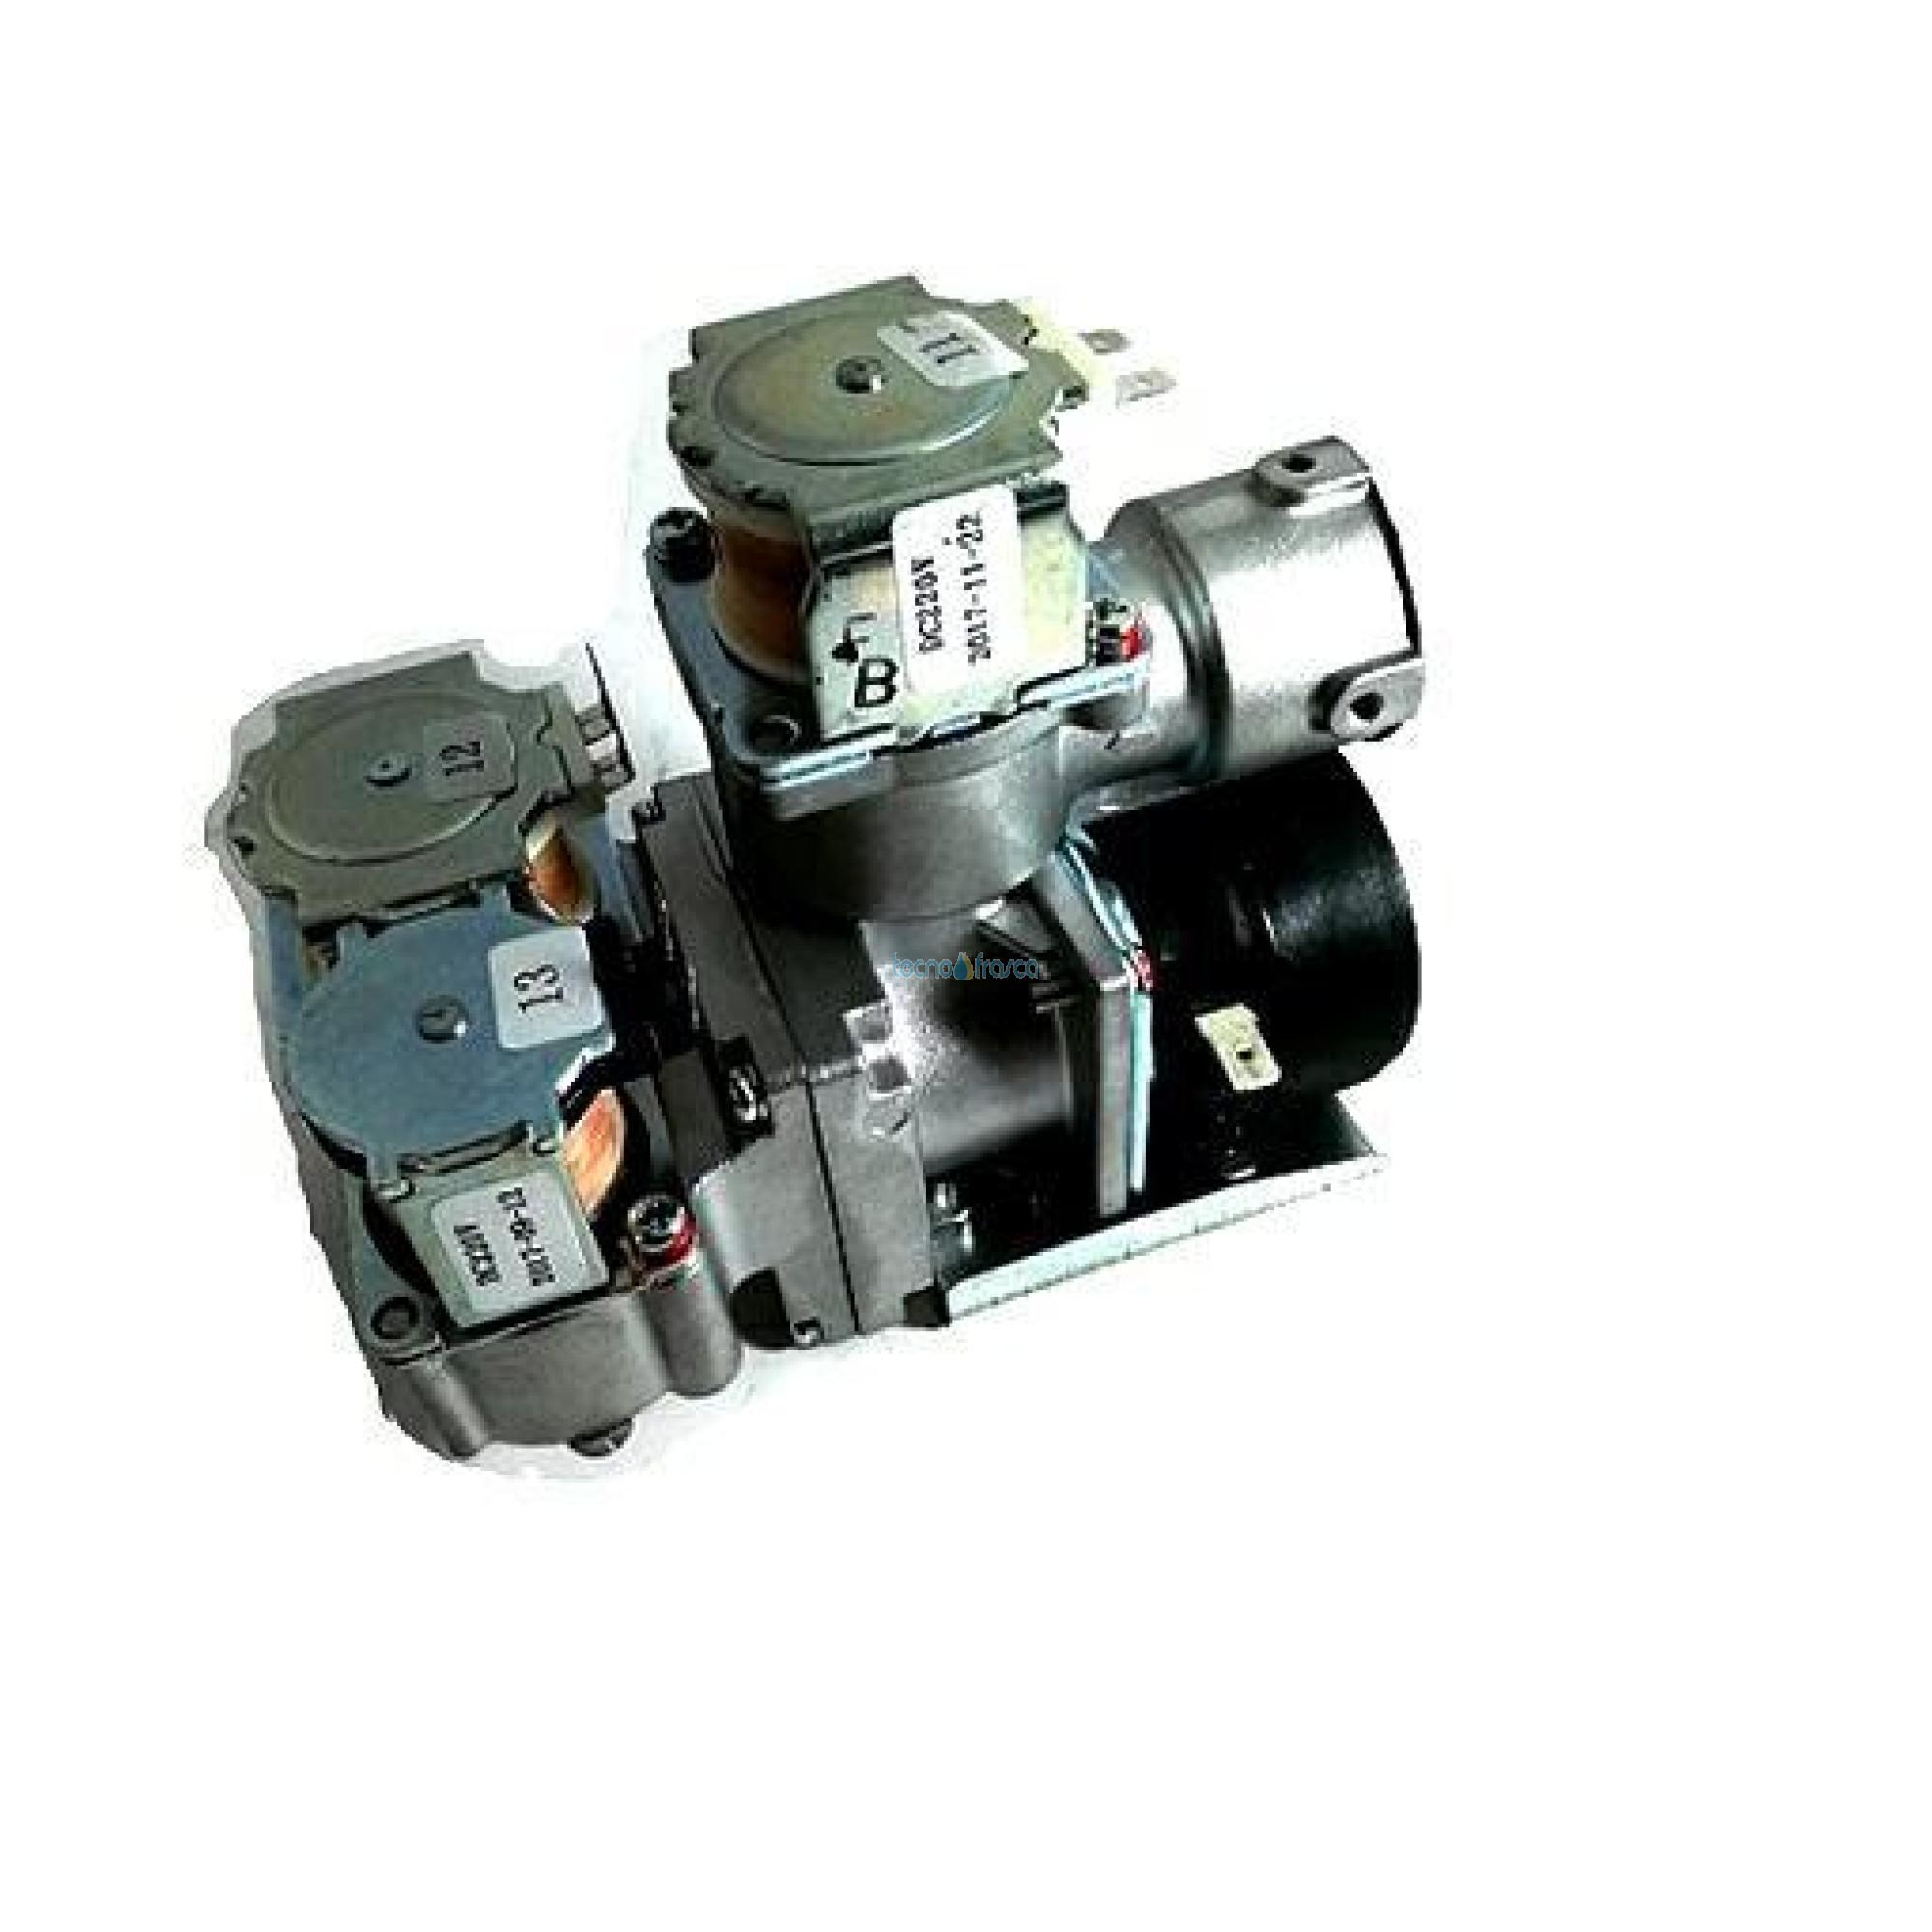 Ariston valvola gas lpg g31 ruotata 65152752